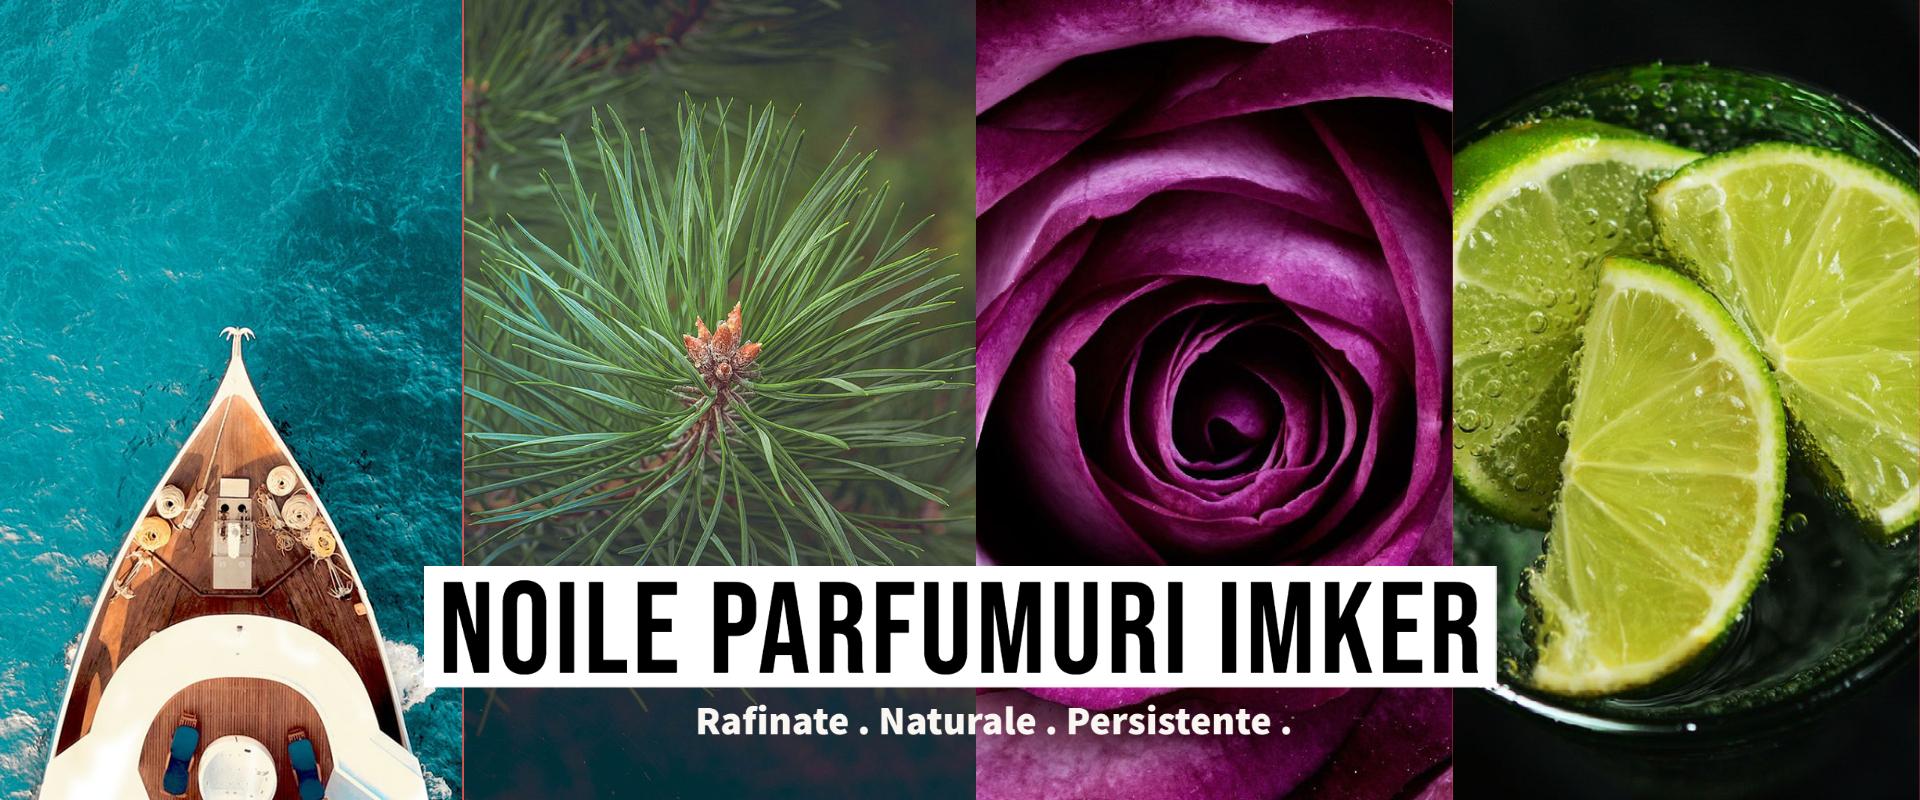 Noile parfumuri de camera si auto IMKER - rafinate, naturale, persistente